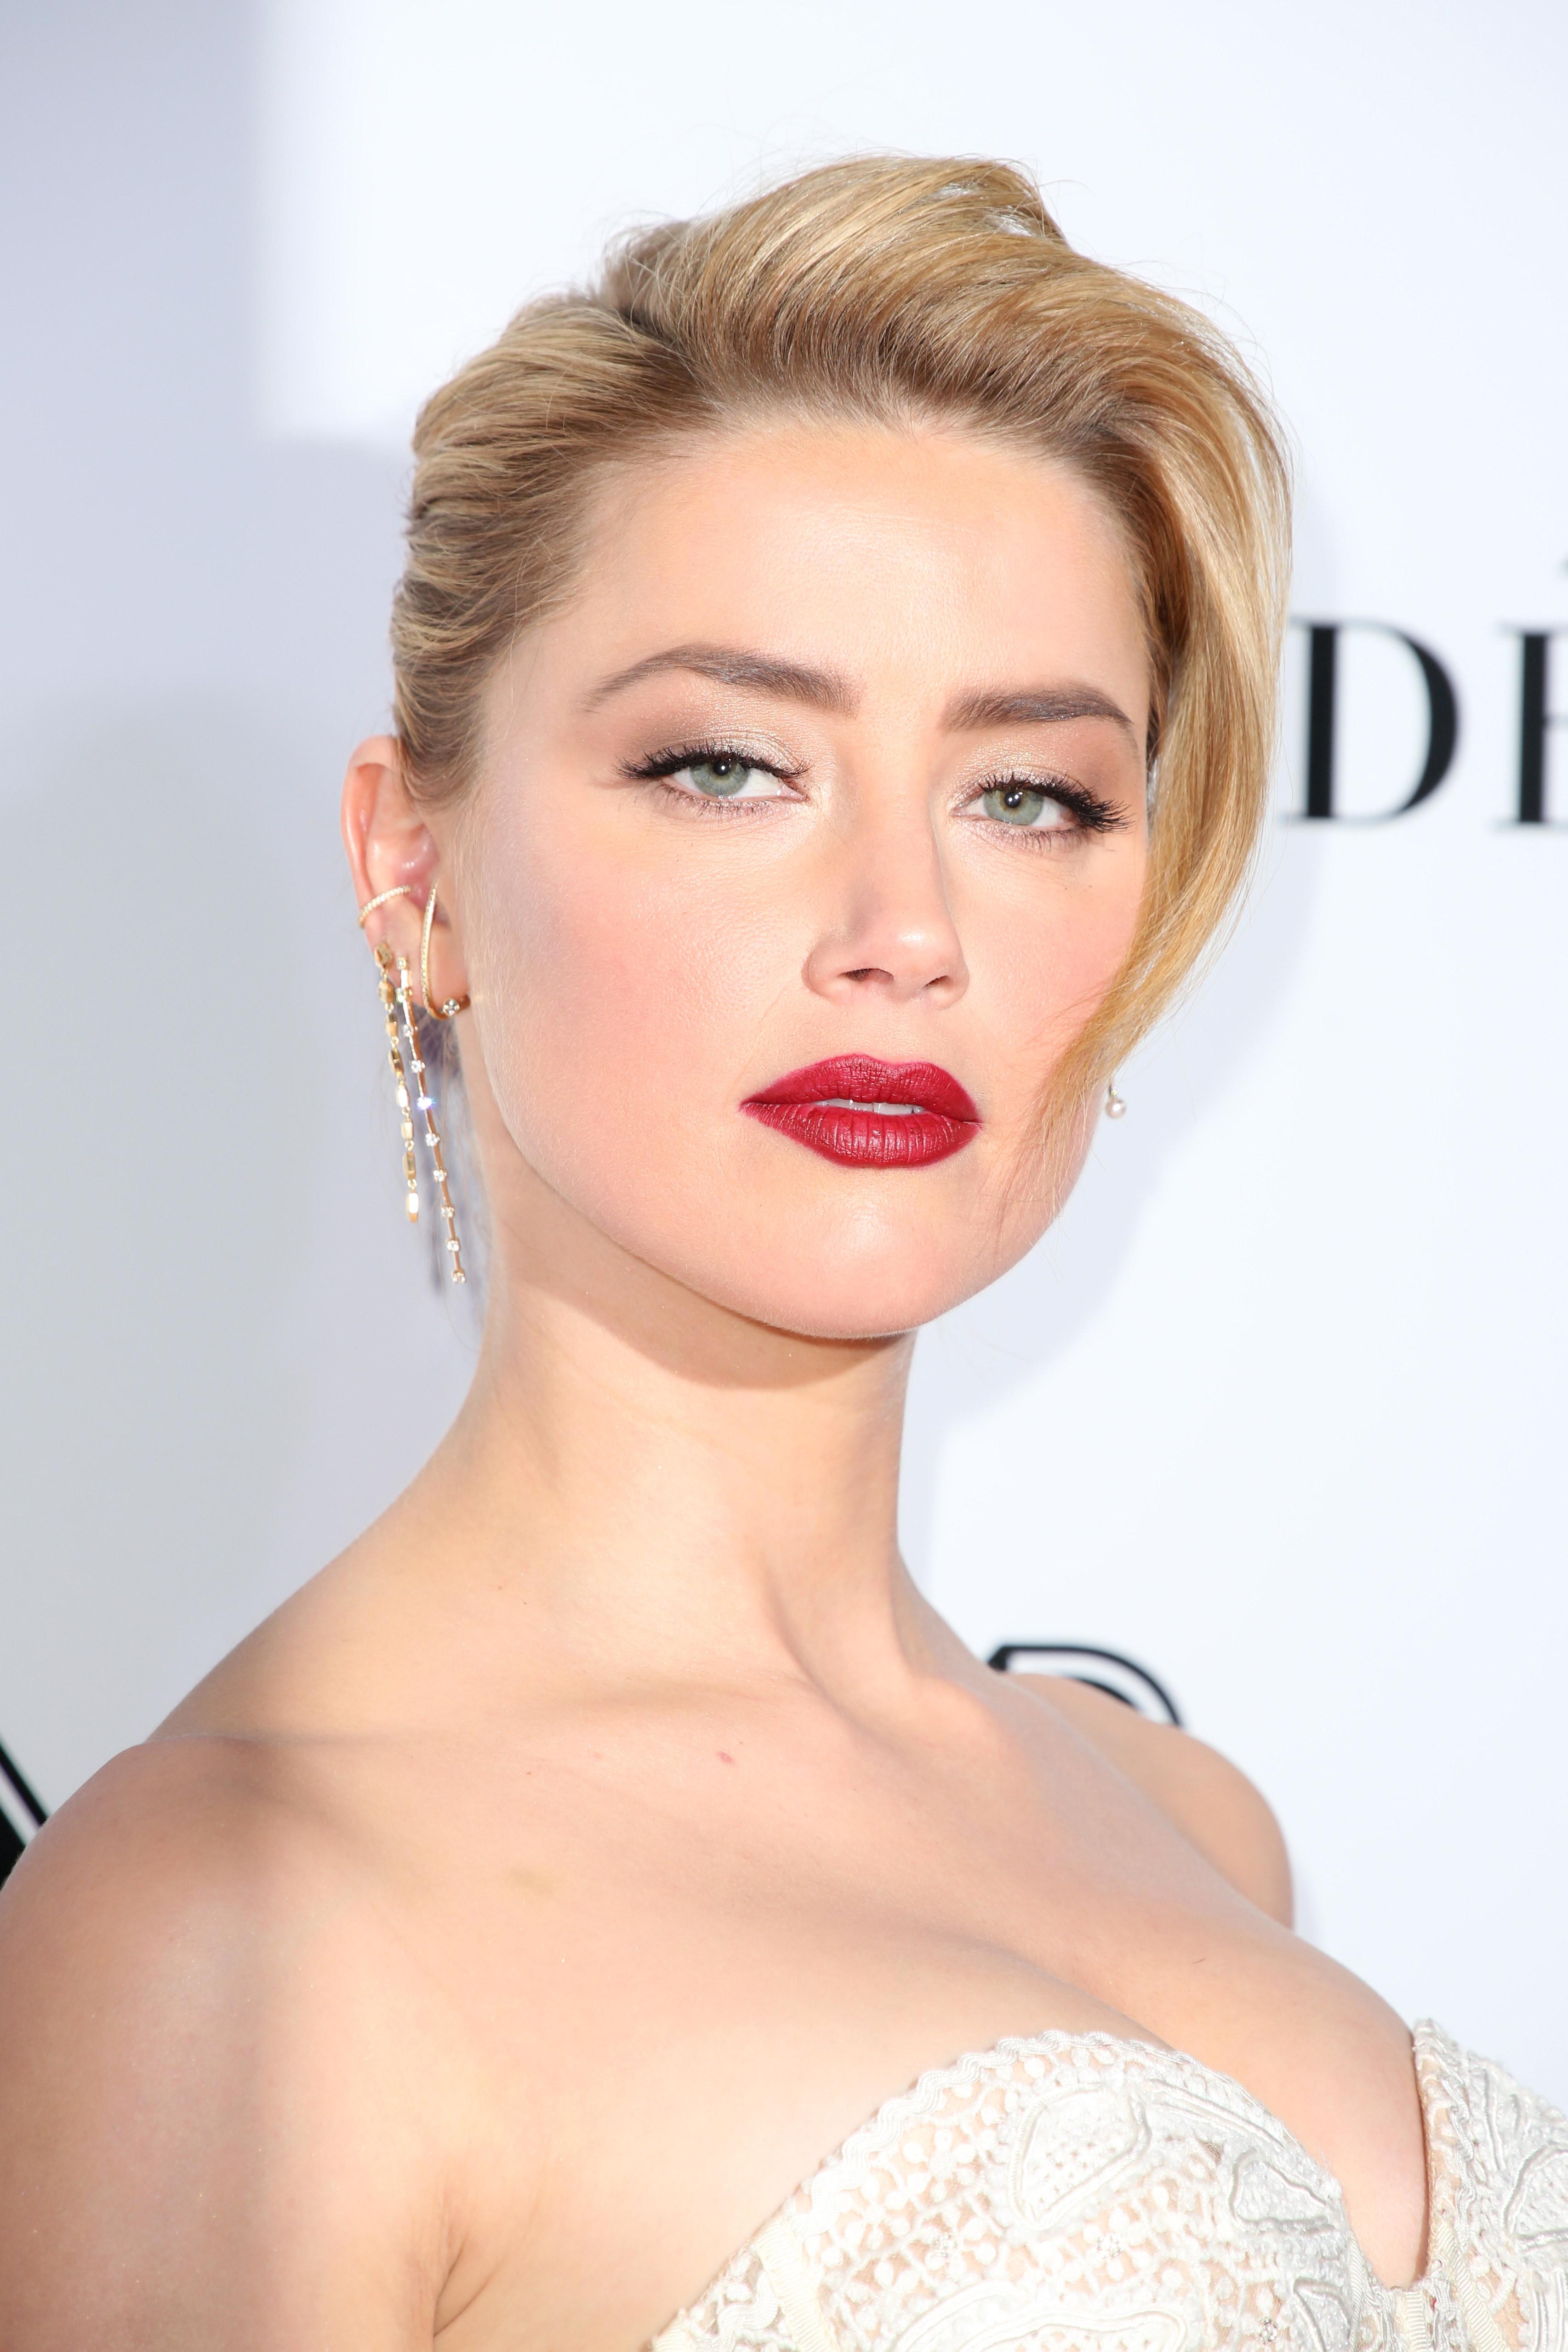 Η Amber Heard εμφανίστηκε σε πρεμιέρα με σκουφάκι κολύμβησης!